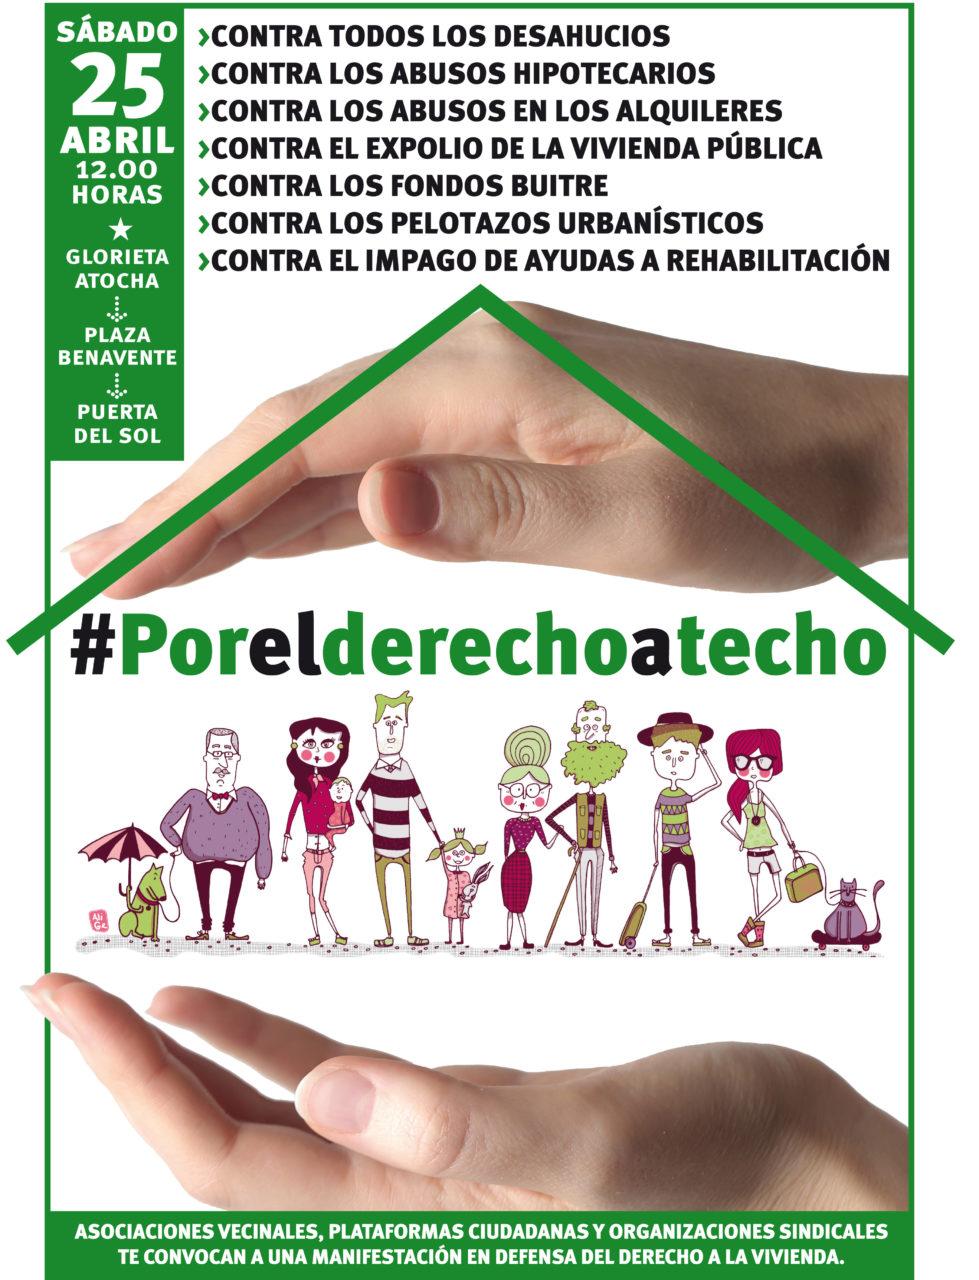 El sábado 25 de abril una gran manifestación por el derecho a techo recorrerá las calles de Madrid